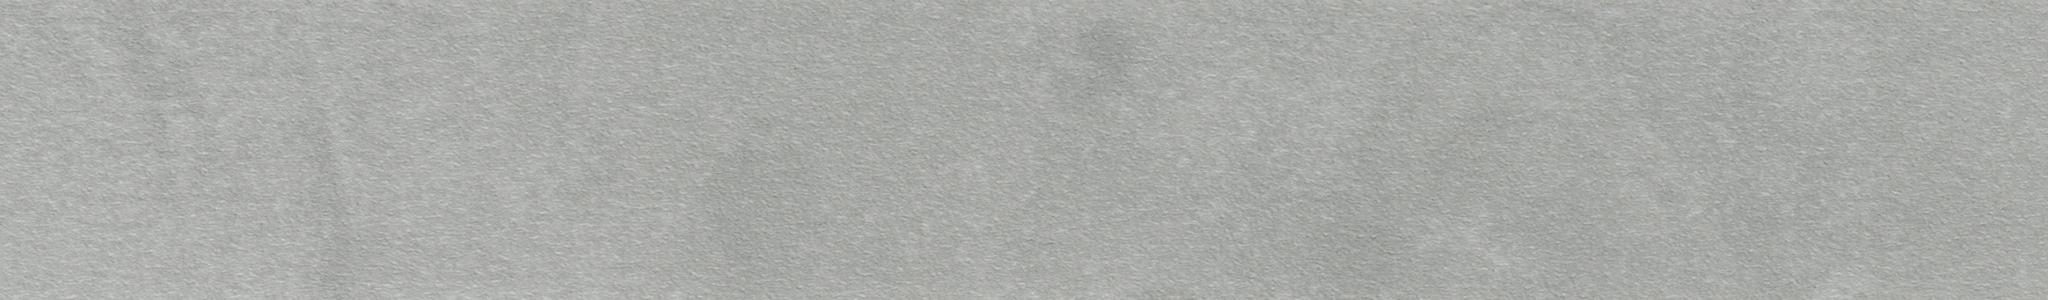 HD 290026 ABS hrana Prado šedá perla